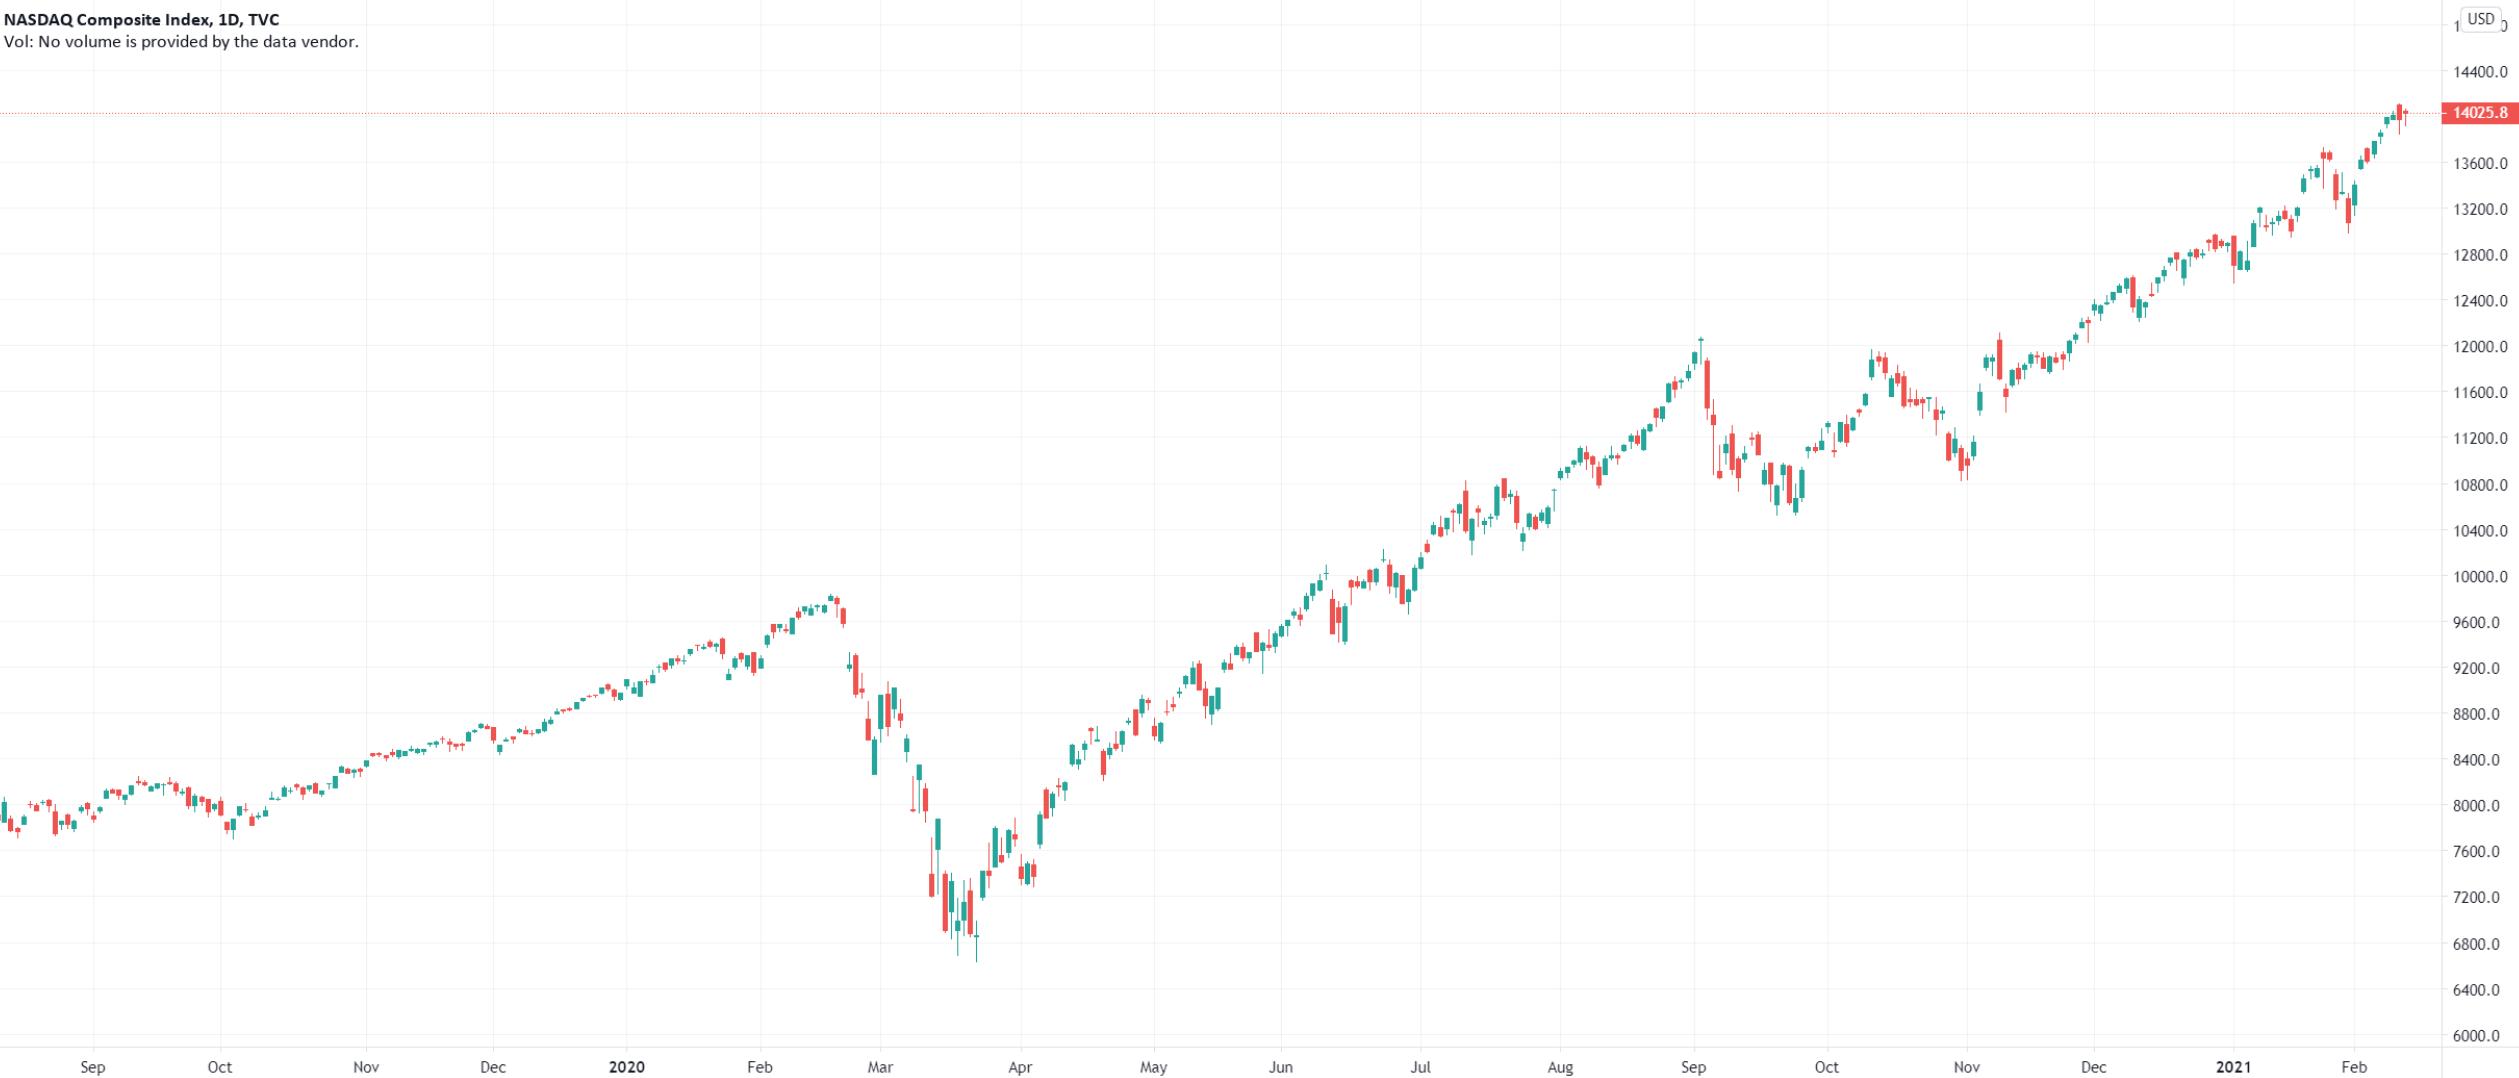 美股收盘:纳指、标普500指数创收盘新高 半导体板块普涨